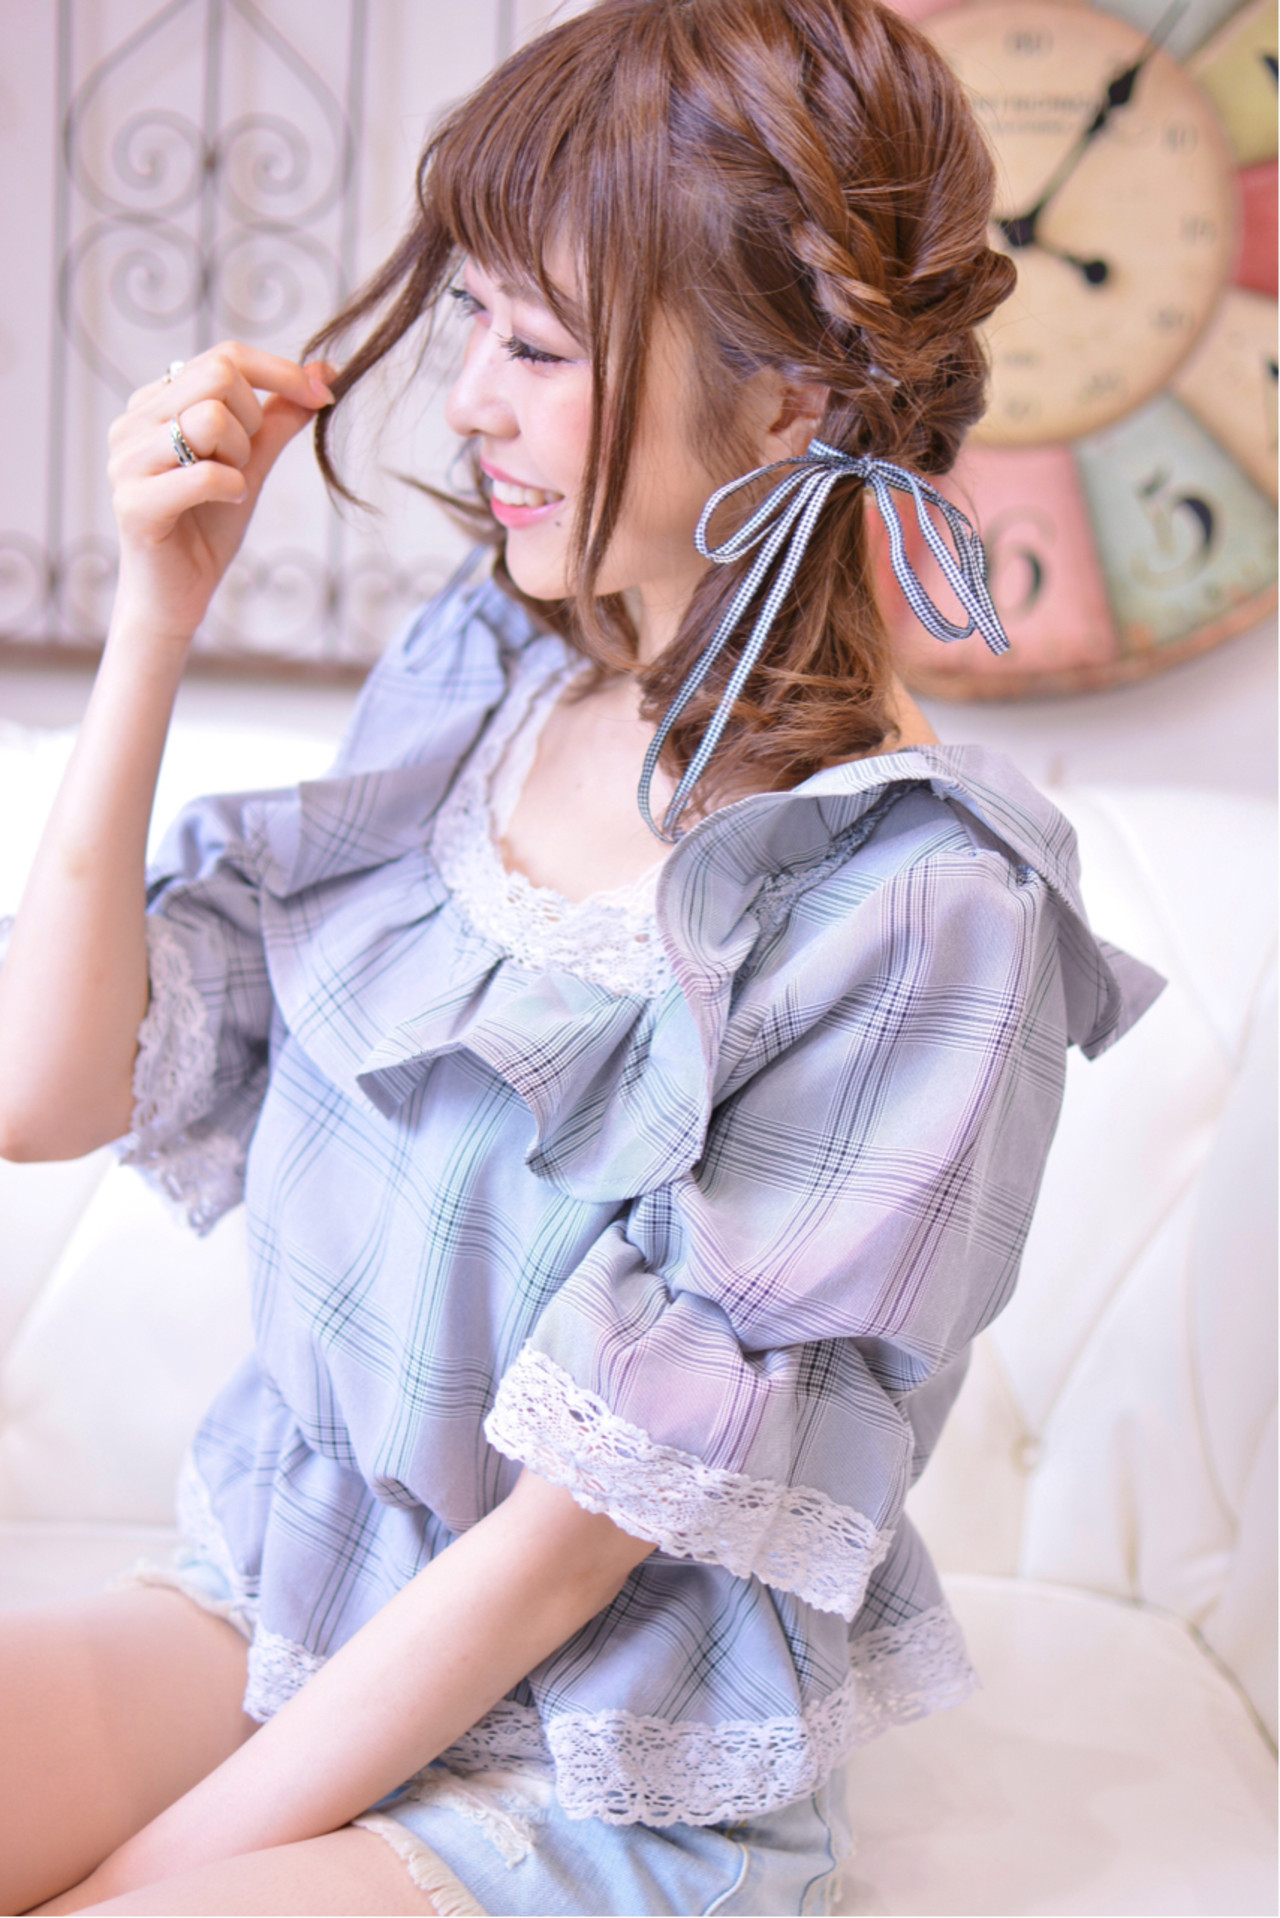 くるりんぱミディアムですっきりと大人可愛く♡ Shiko Kajihara